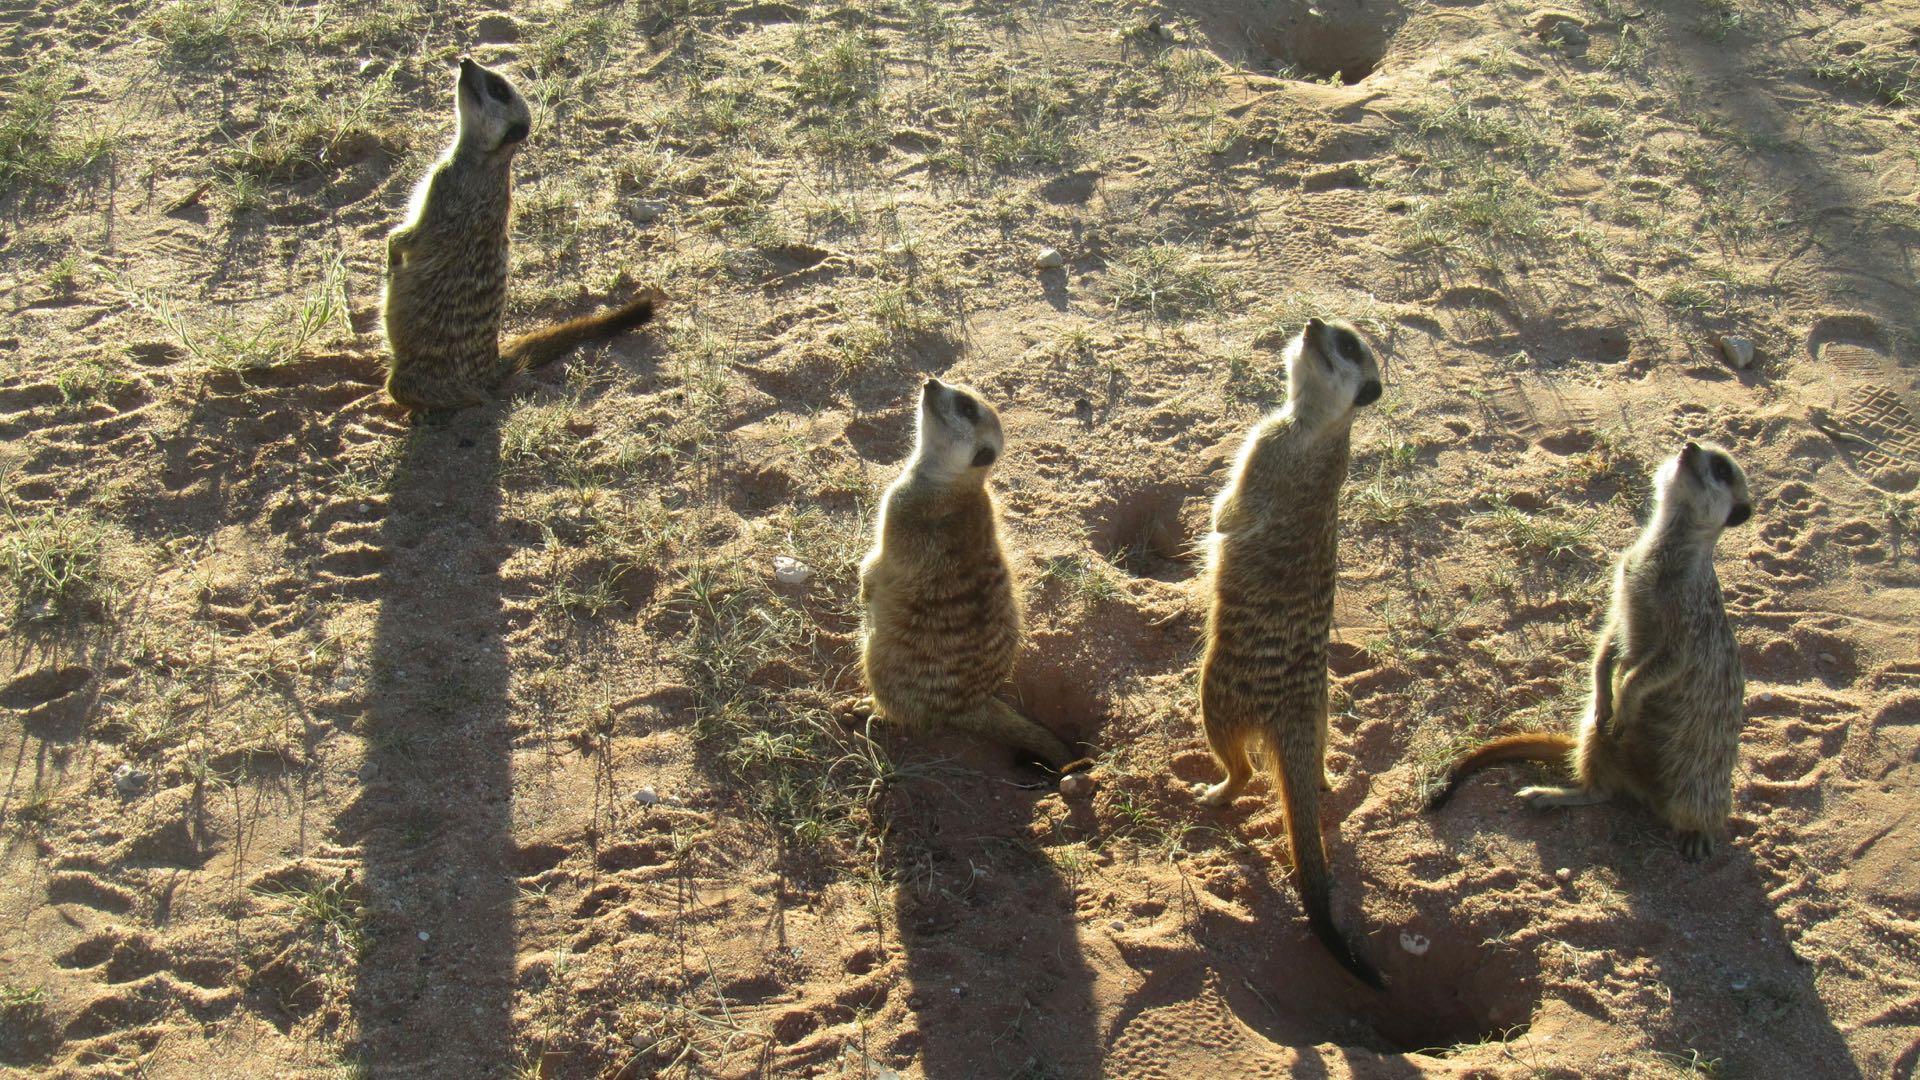 Stokstaartjes Central Kalahari GR - Botswana